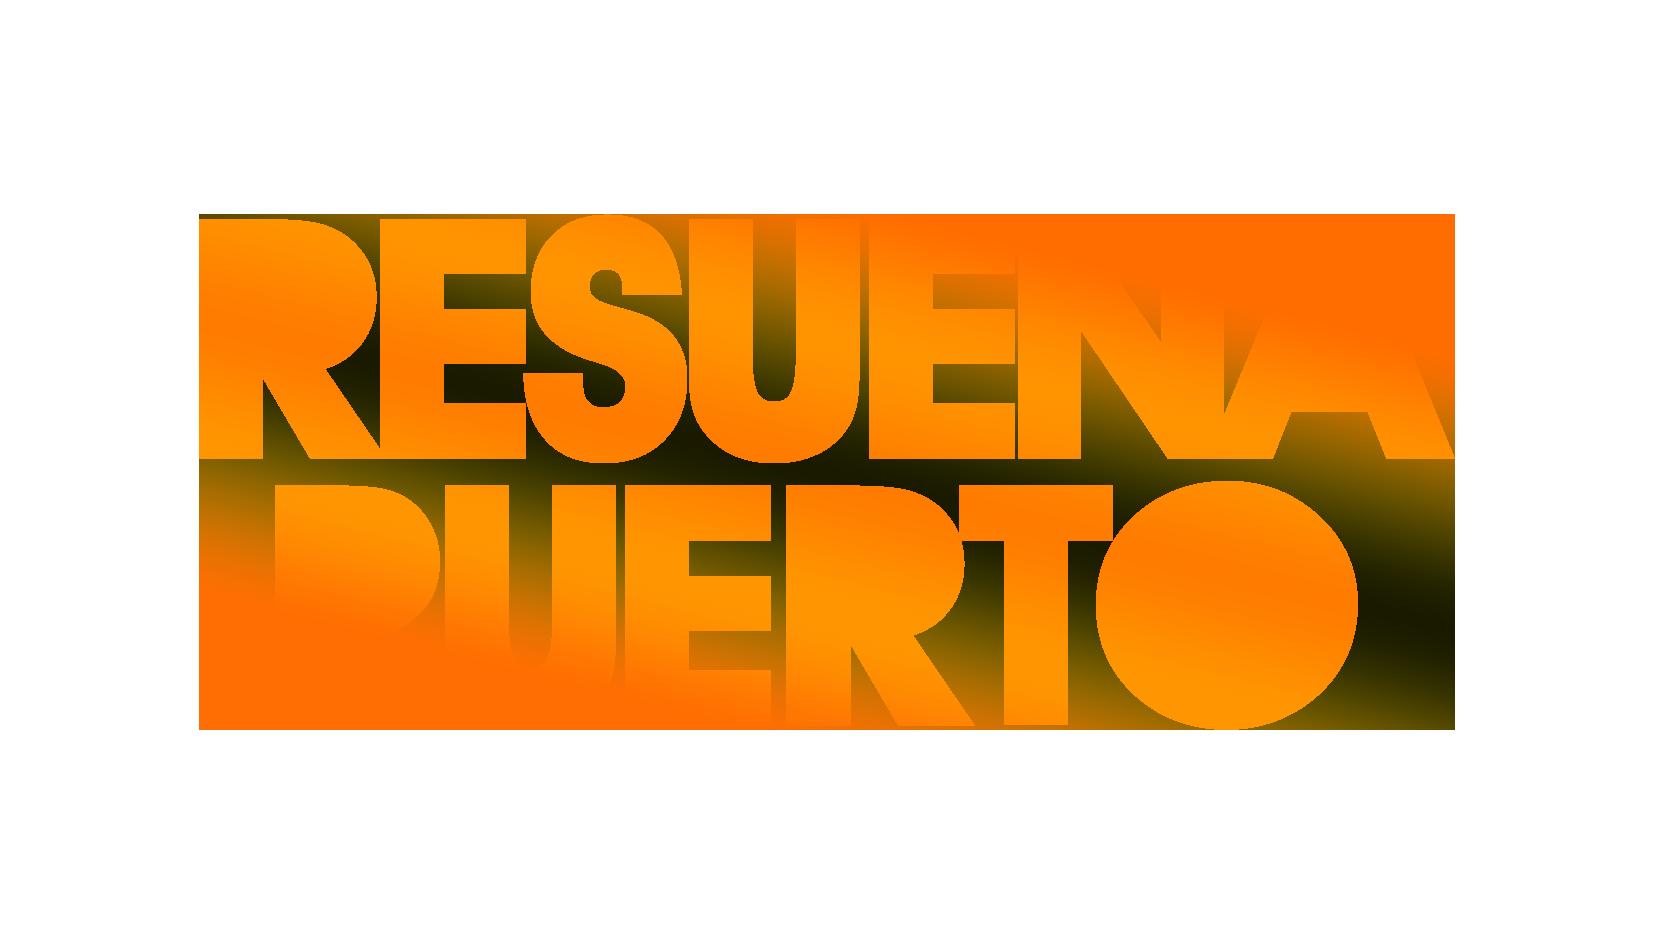 Resuena Puerto Logo